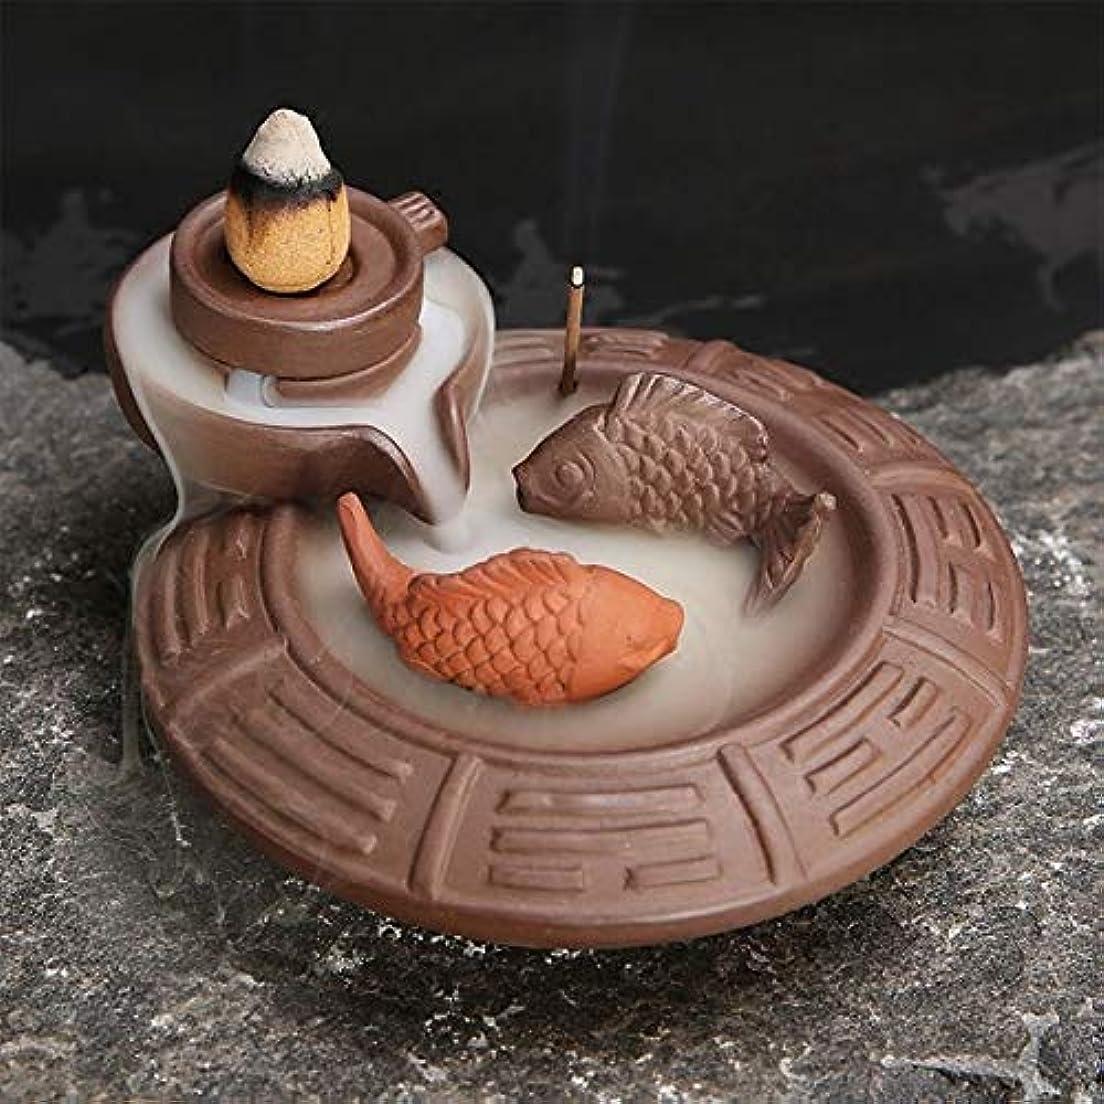 面白い裁判所浸透する(Fish) - Jeteven Ceramic Fish Backflow Incense Burner, Incense Cones Sticks Holder, Ideal for Yoga Room, Home...